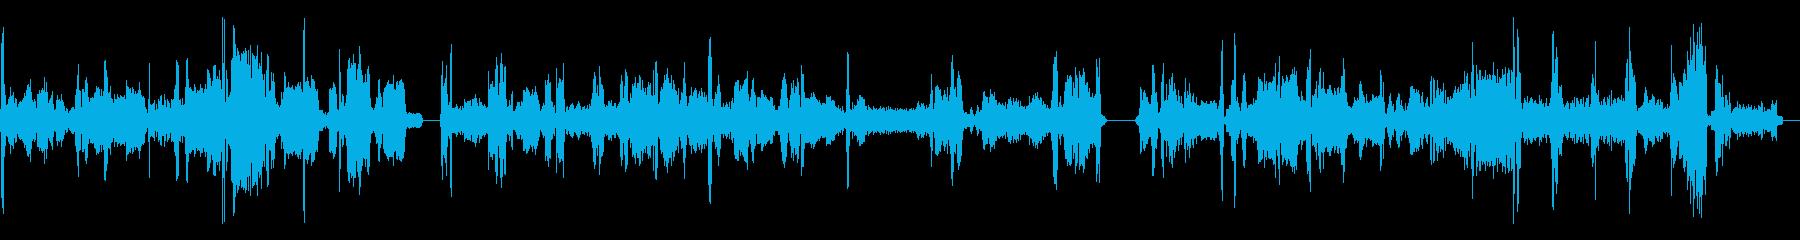 ラジオチューナーFM、チューニングx3の再生済みの波形